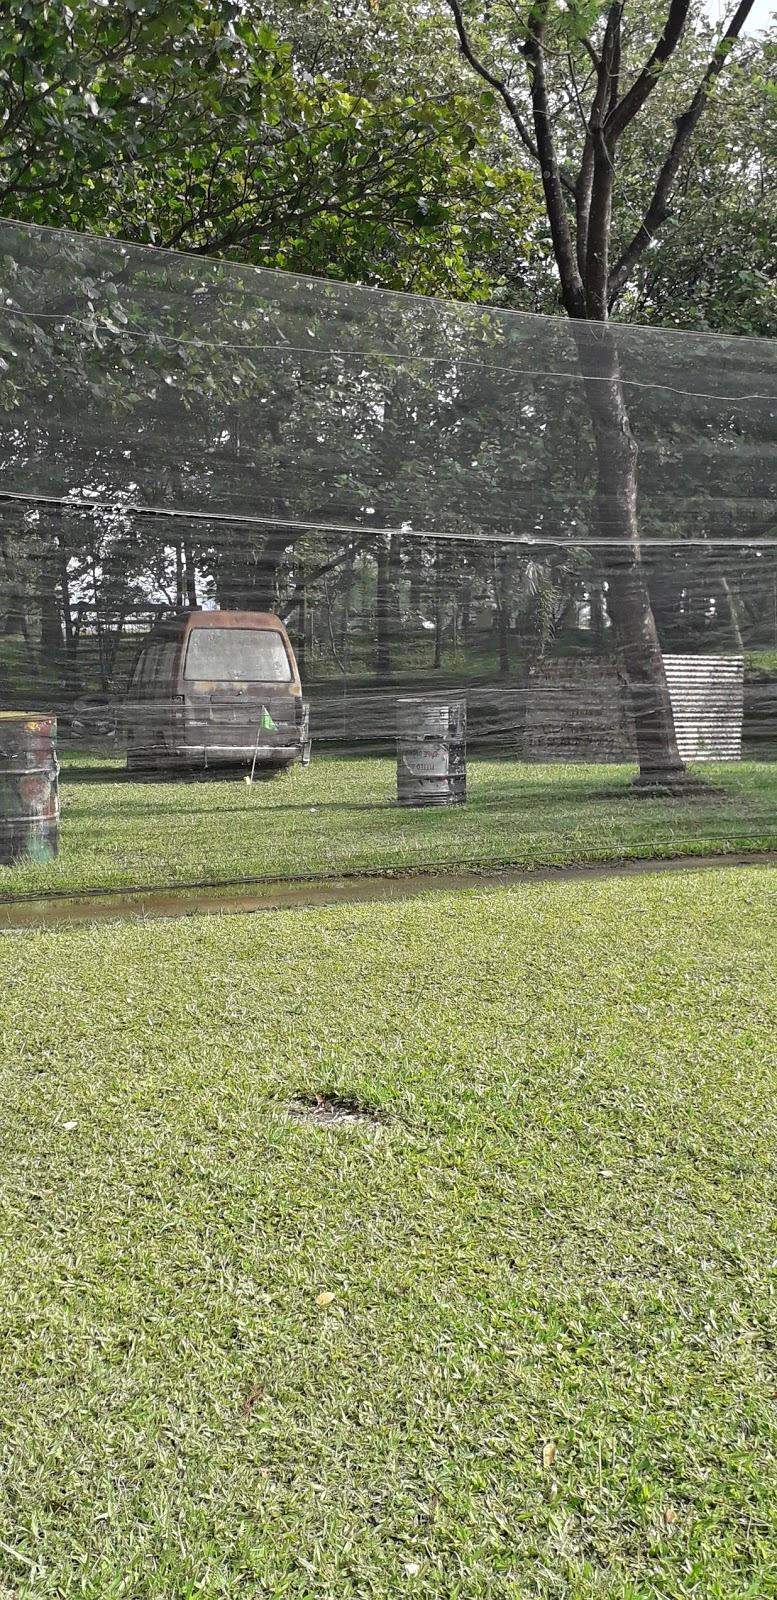 Tempat Murah Meriah di Bogor untuk Berakhir Pekan Bersama Keluarga